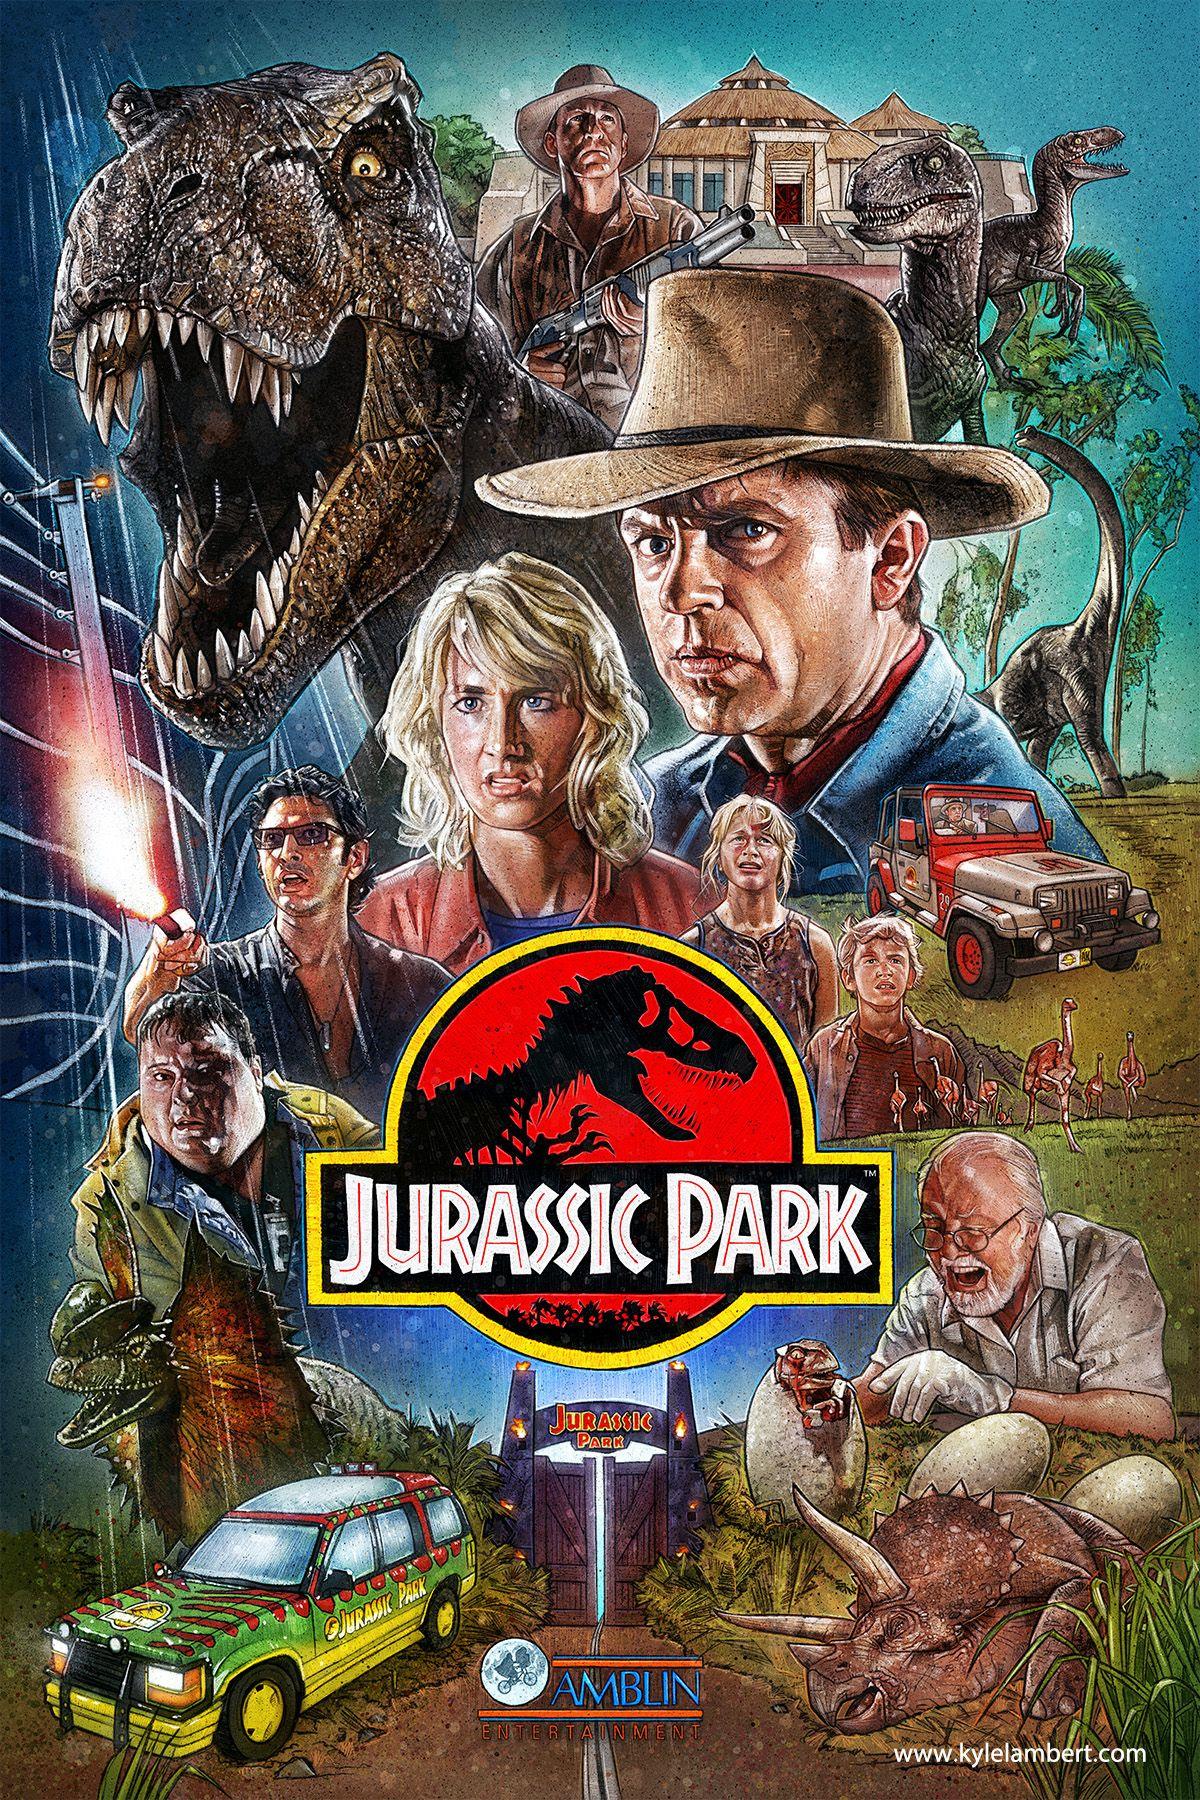 Jurassic Park by Kyle Lambert Jurassic park poster